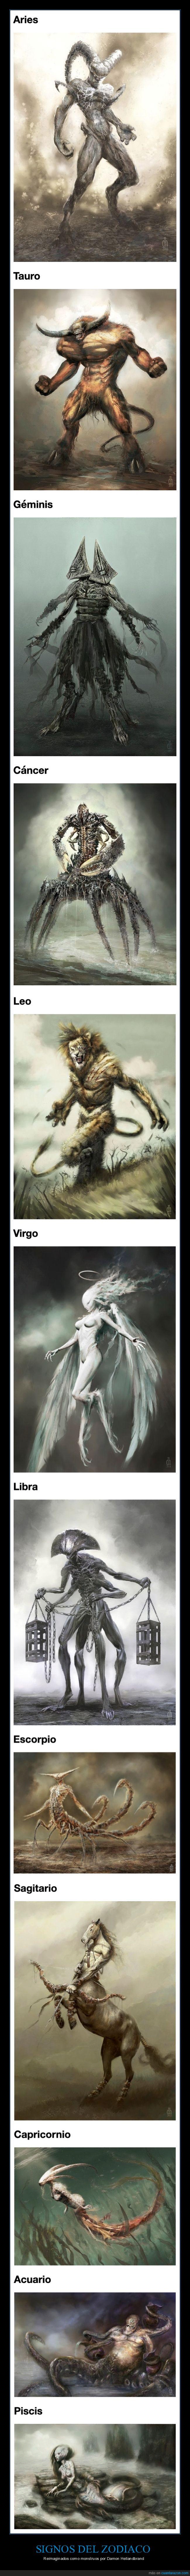 damon hellandbrand,monstruos,signos,zodiaco